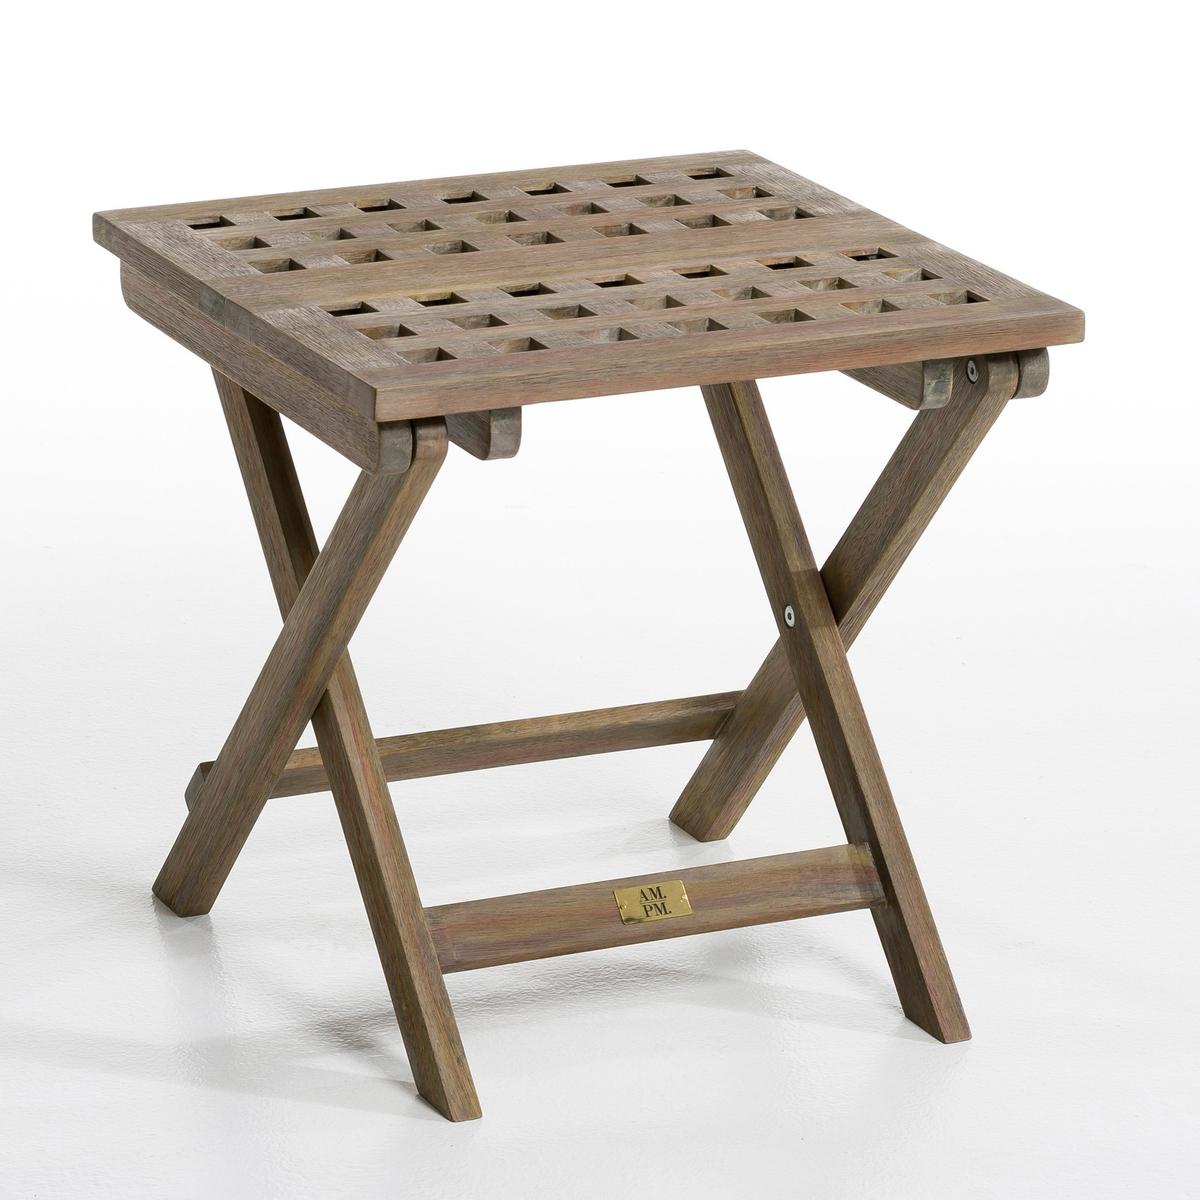 Столик садовый складной, Meltem столик садовый складной jakta